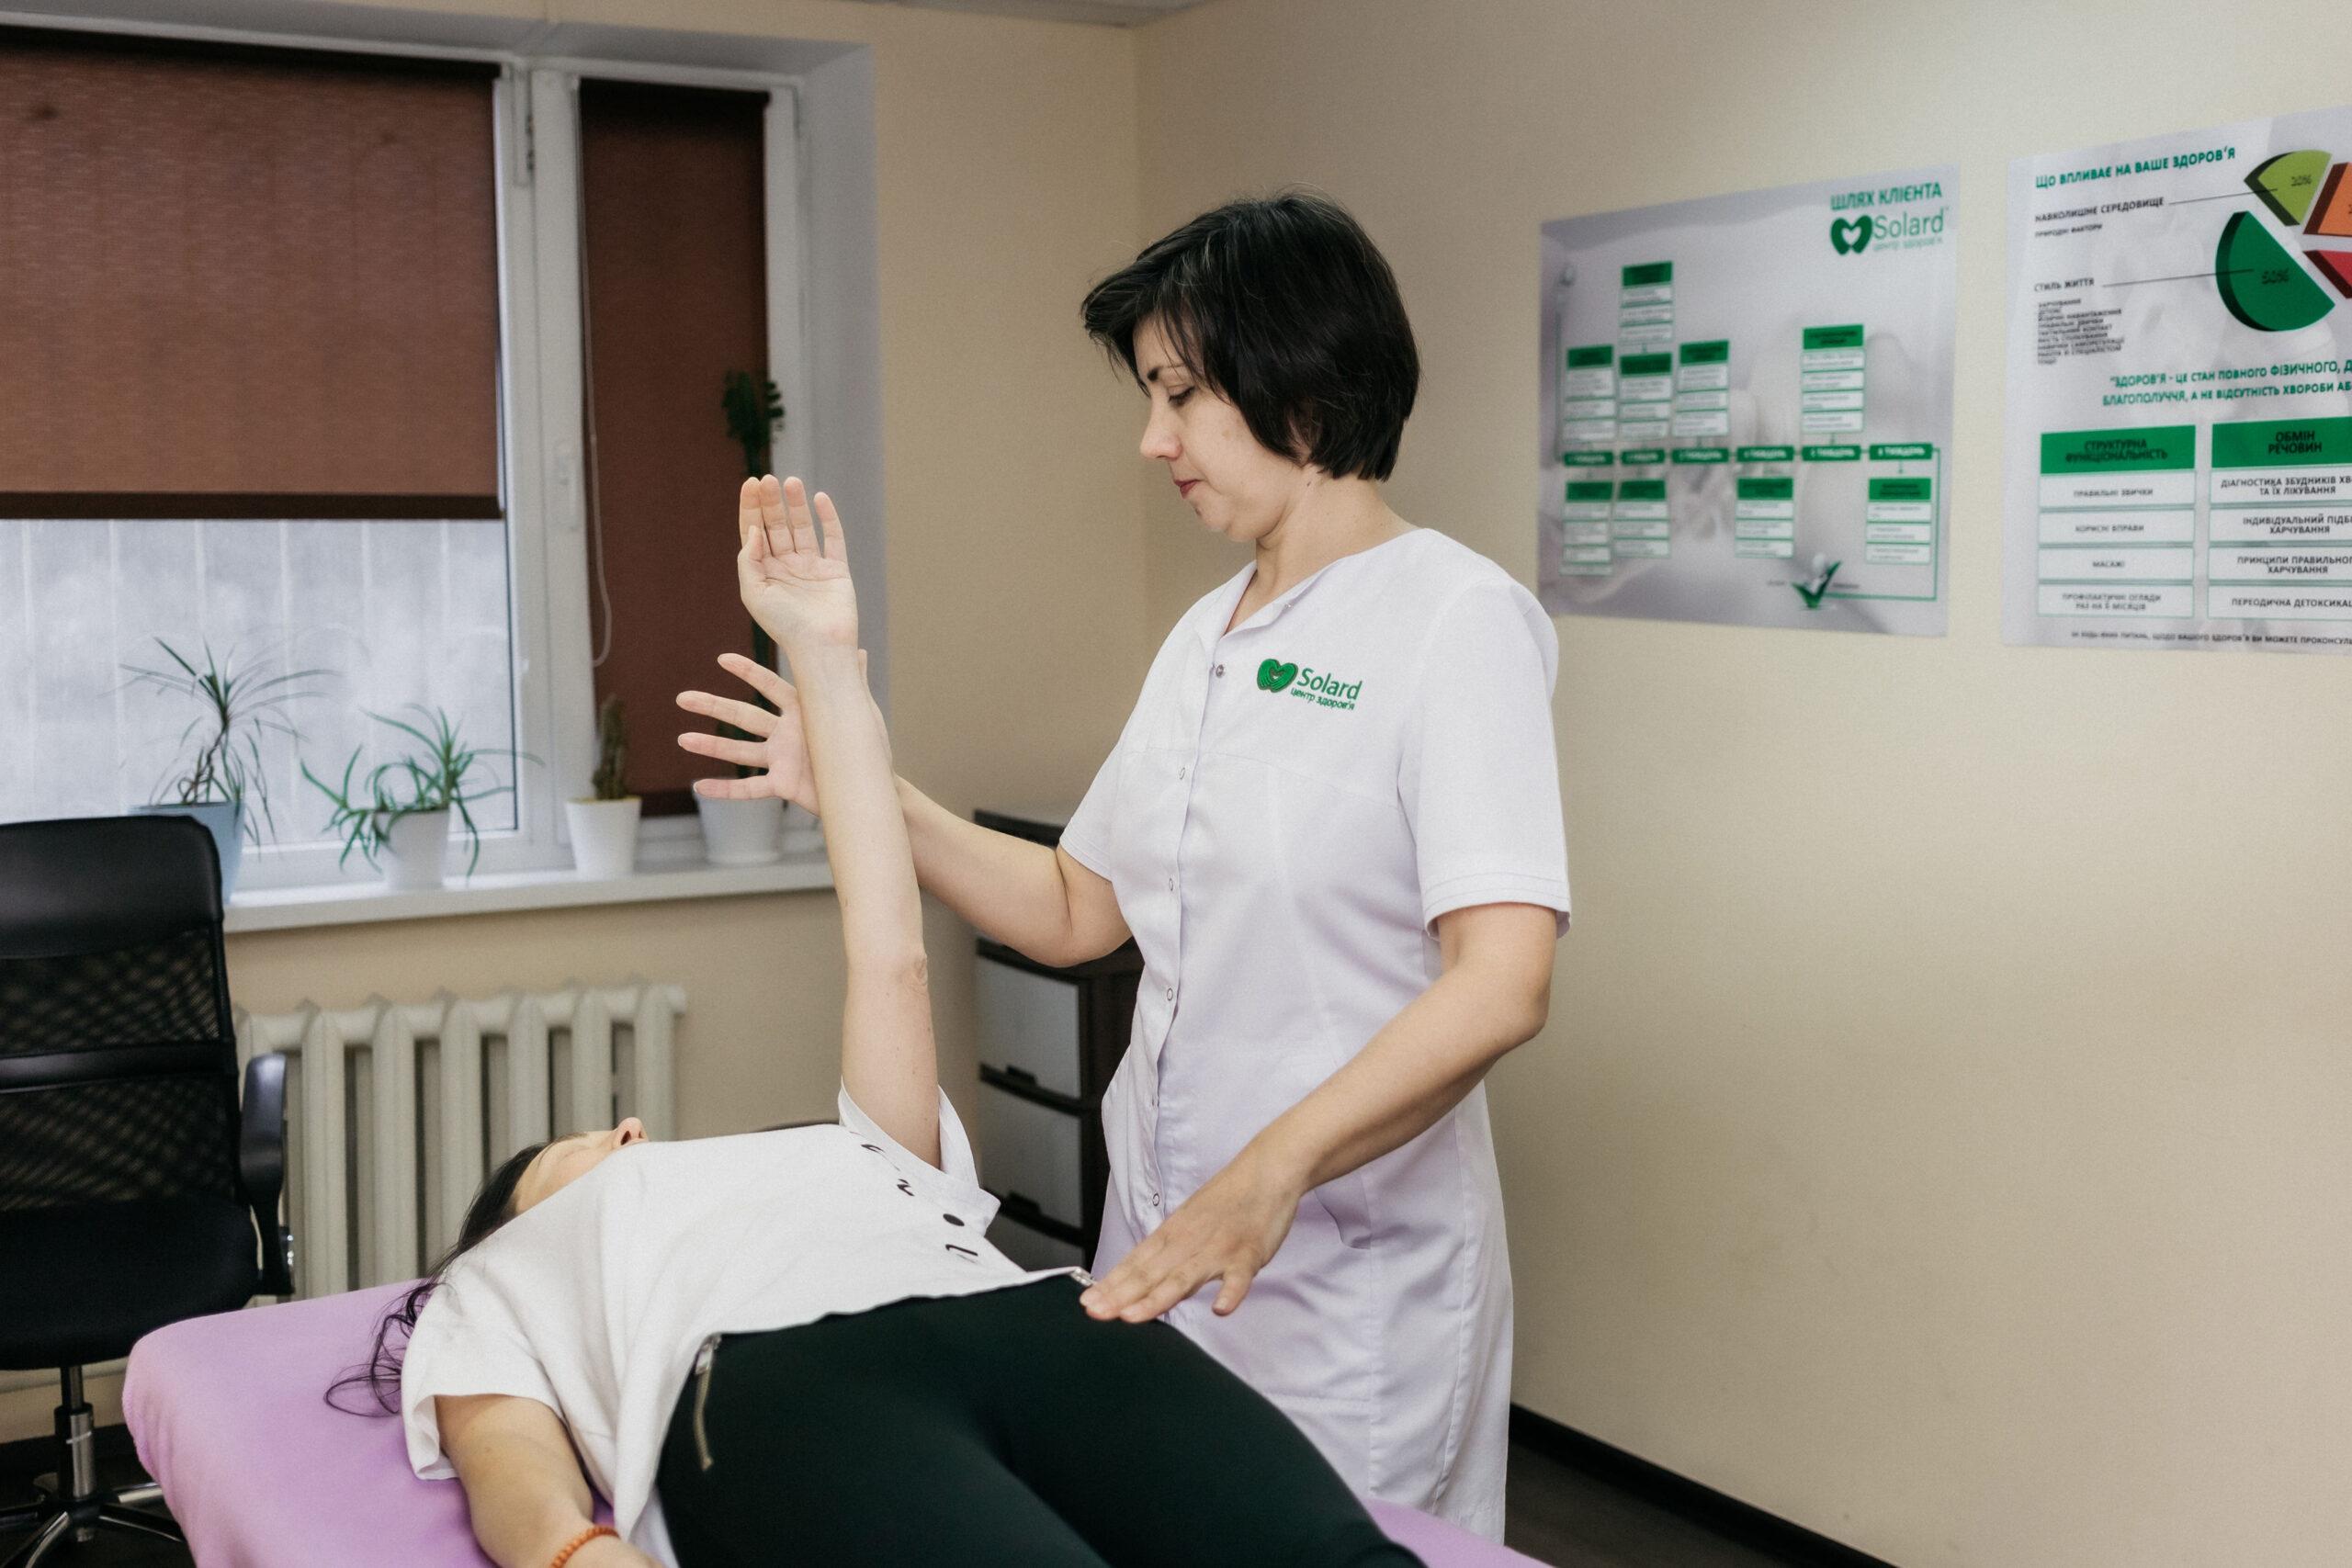 Центр здоров'я Solard - Афанасьєва Наталія Ігорівна - 3